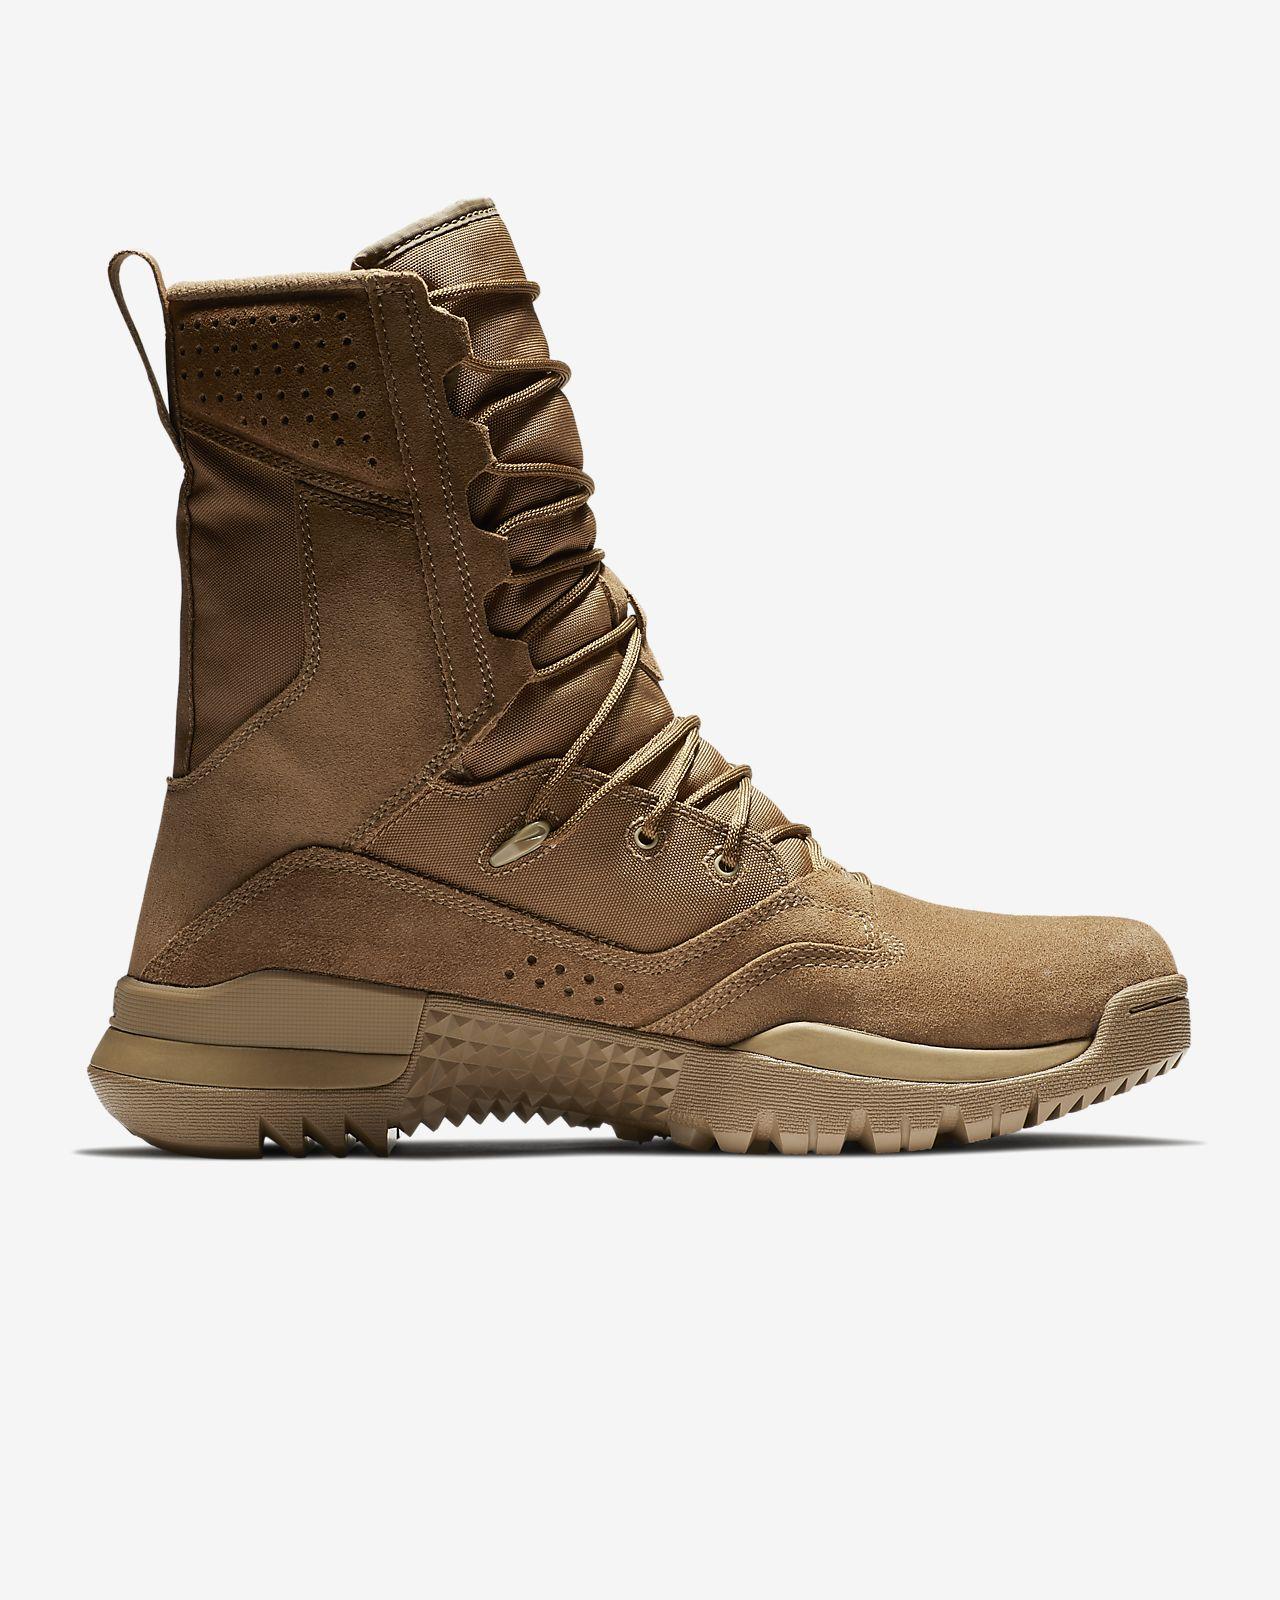 425949a22b3 Nike SFB Field 2 8